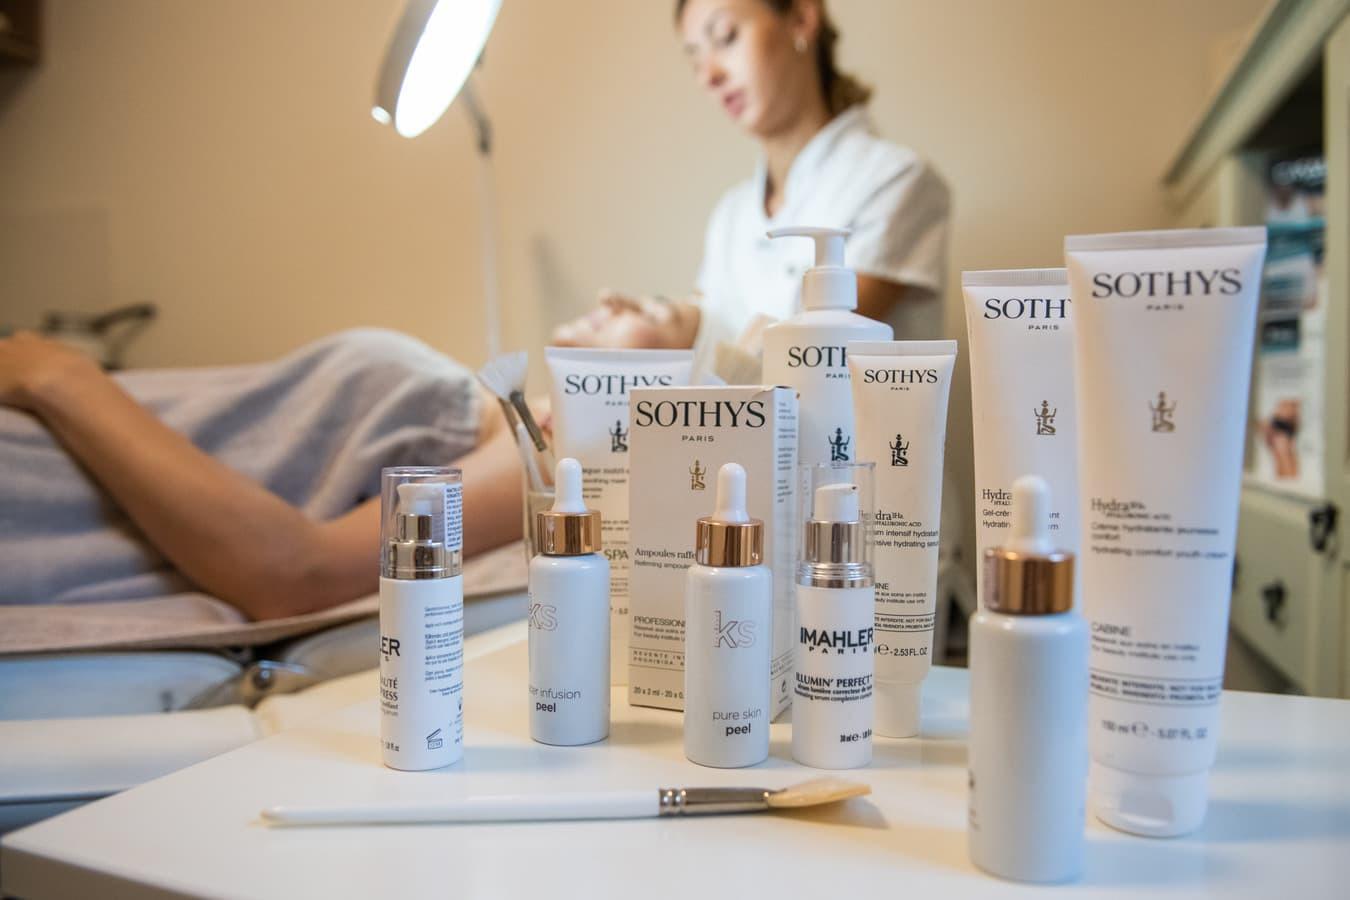 Arliekamas visapusiškas odos atjauninimas su Sothys kosmetika. Po trijų procedūrų kurso iki pusės metų išliekantis efektas.